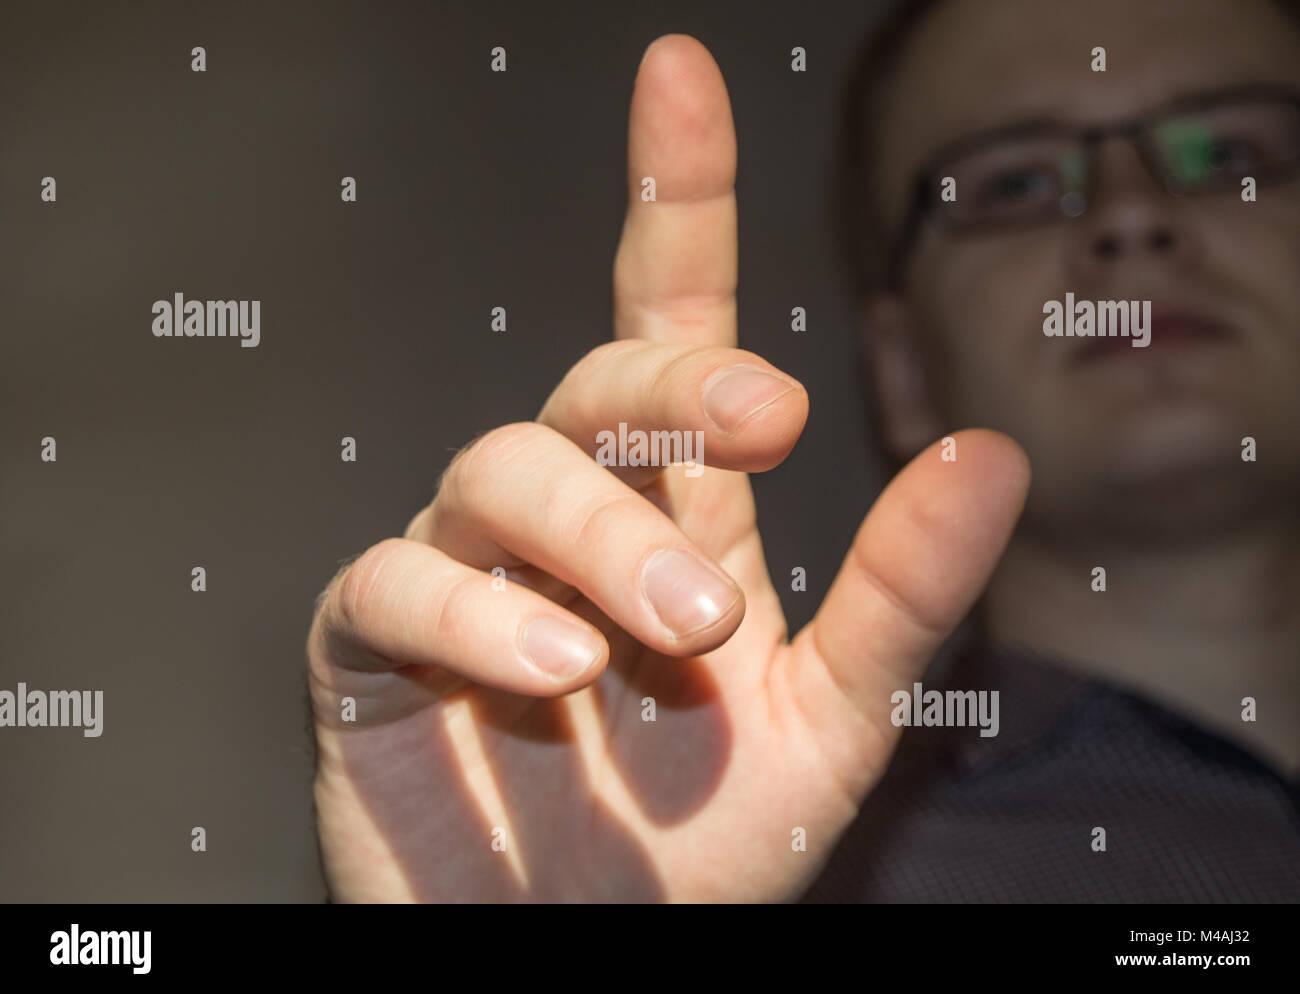 L'uomo fare clic su virtual touch screen, dito è sollevato, futuristico business Immagini Stock